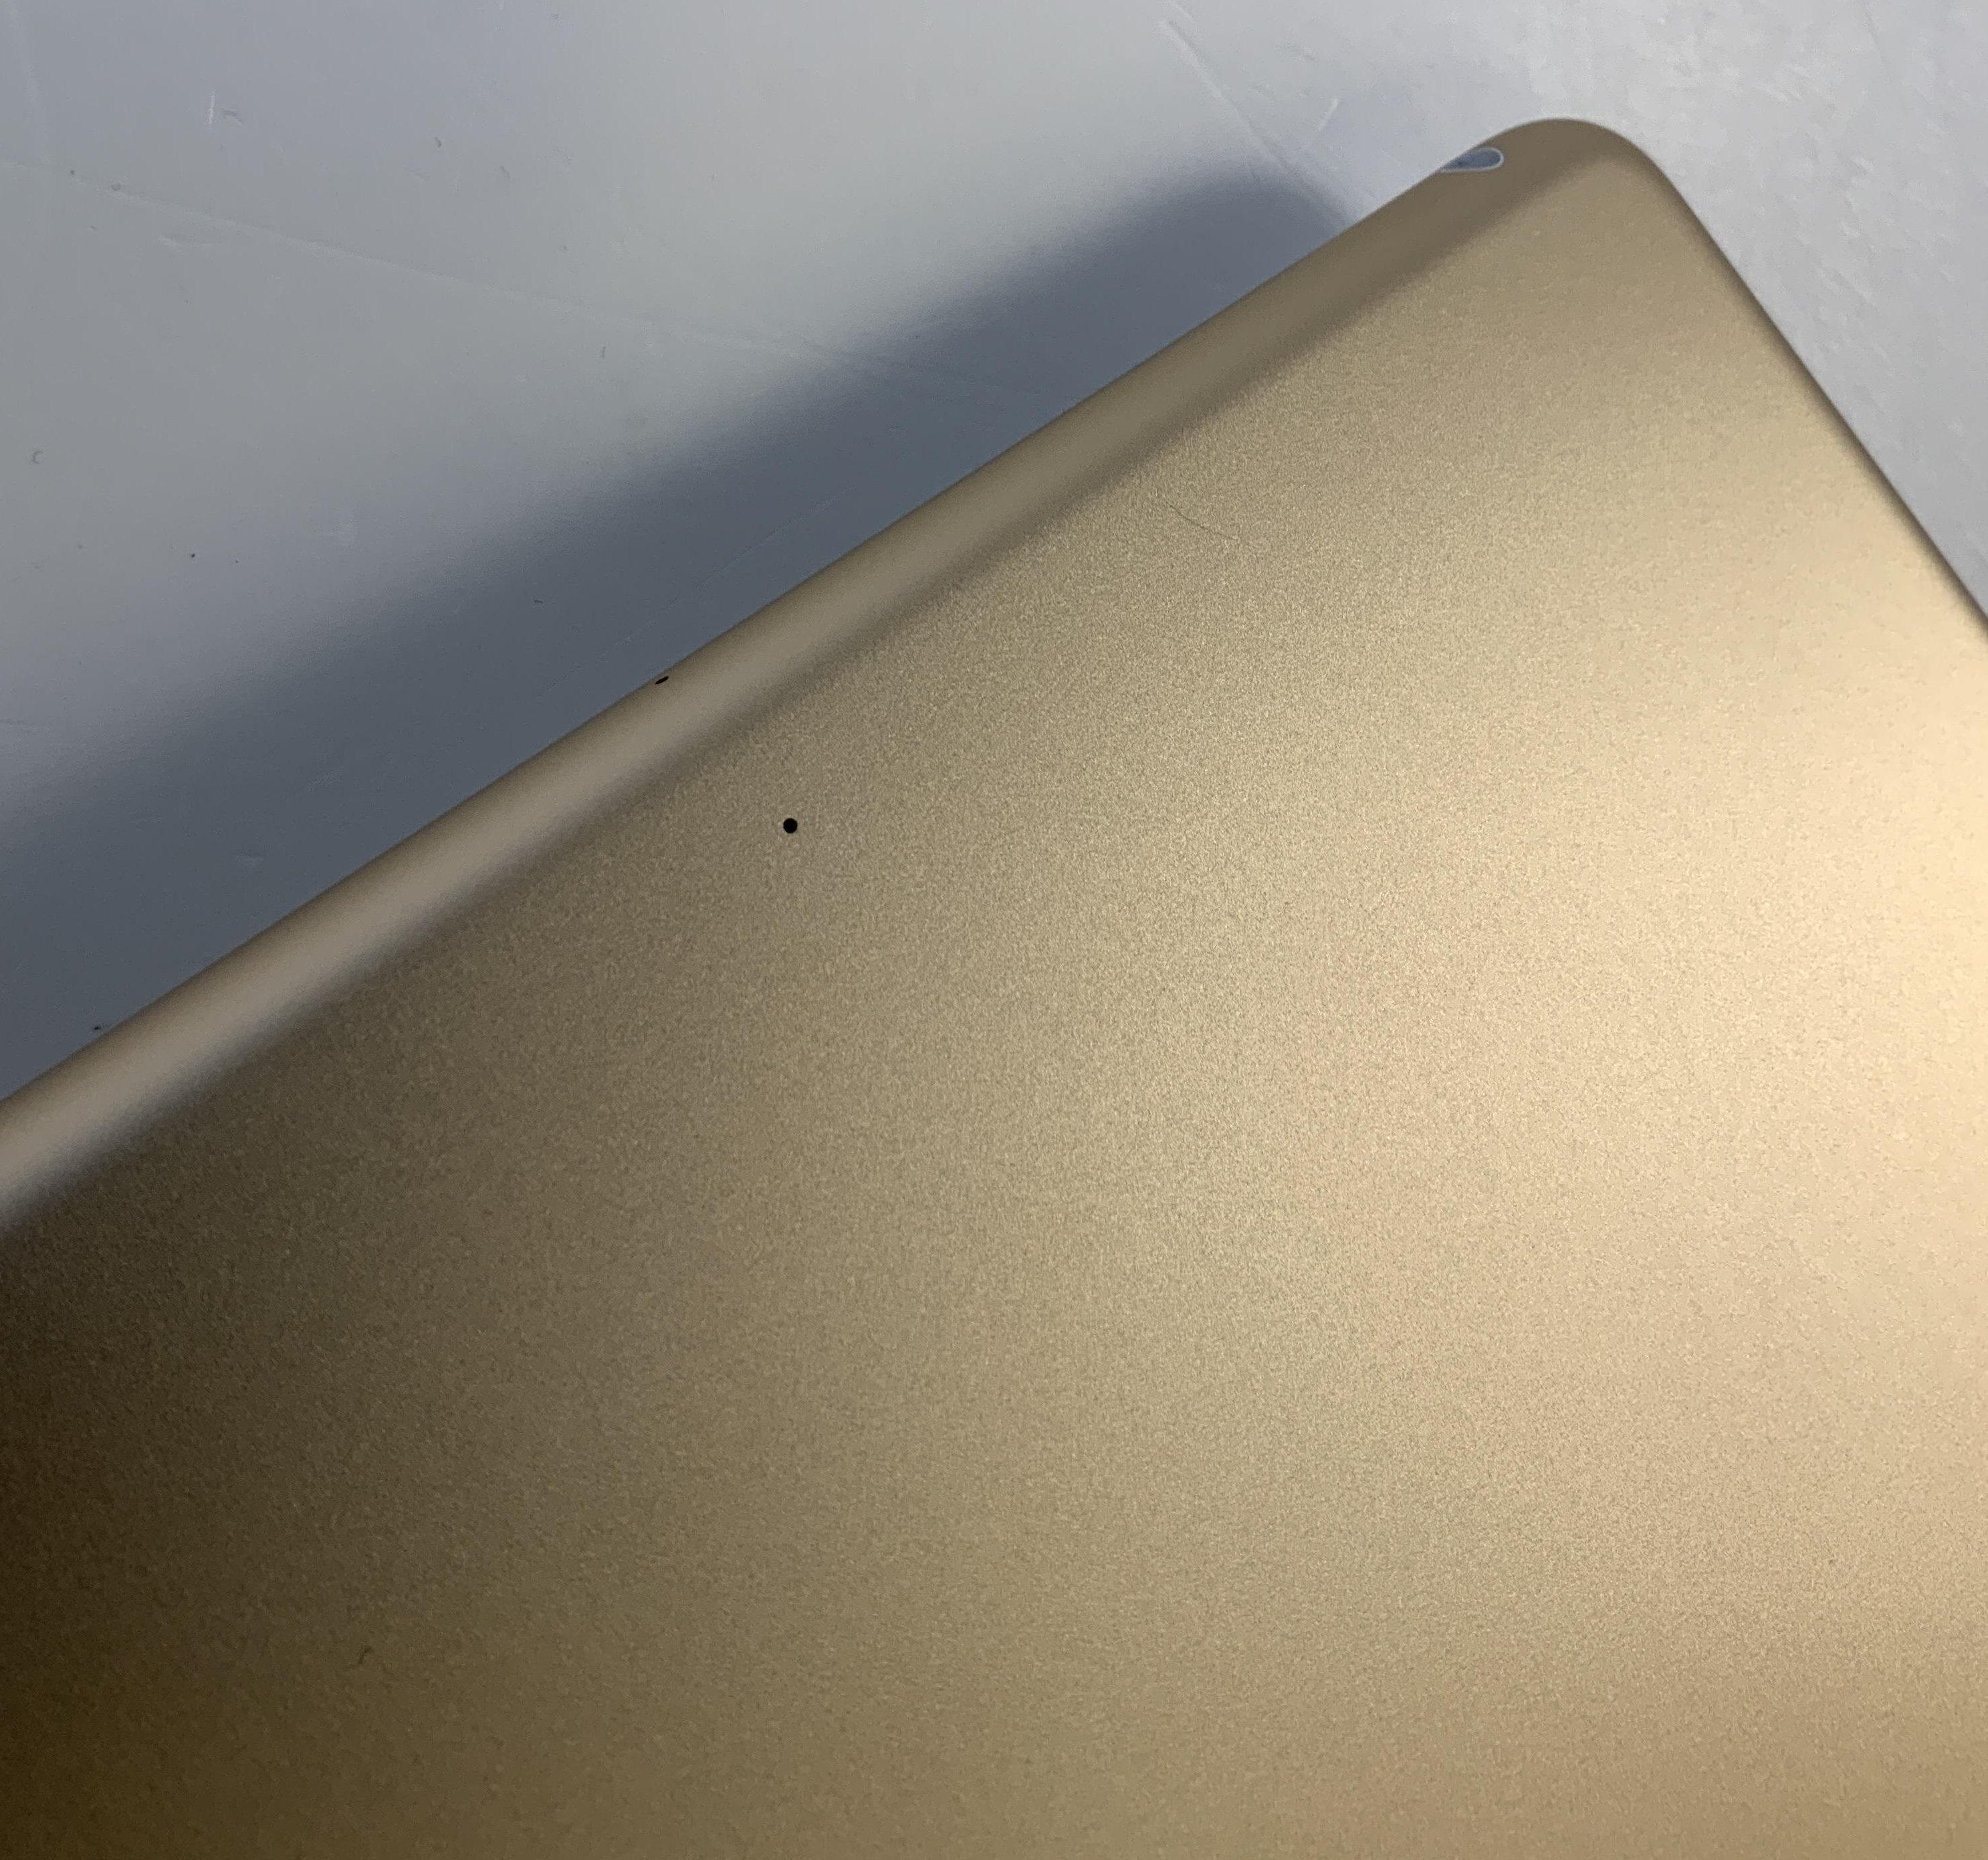 iPad 5 Wi-Fi 32GB, 32GB, Gold, Kuva 3